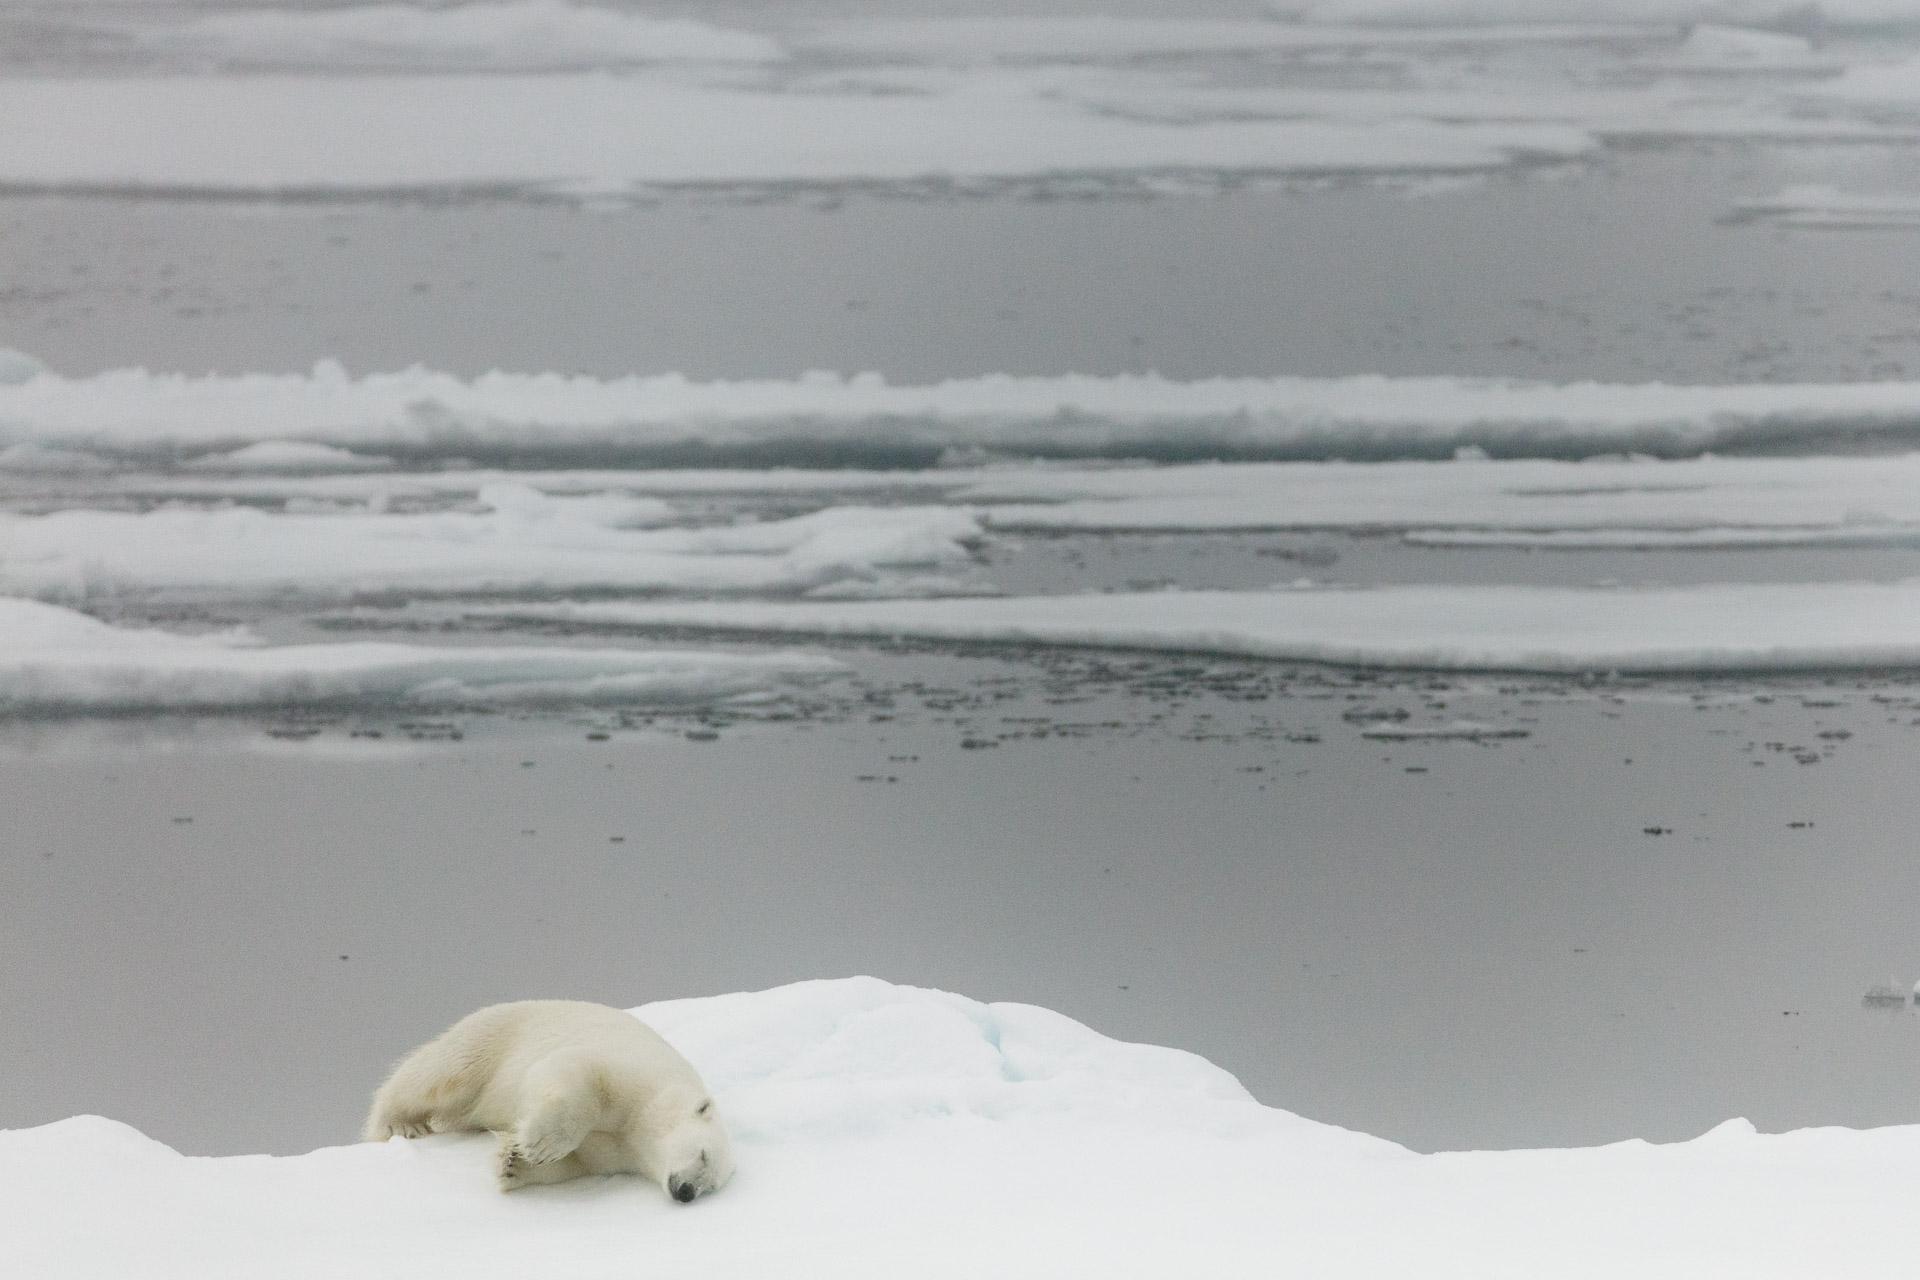 Adult polar bear sleeps on edge of Arctic Ocean sea ice